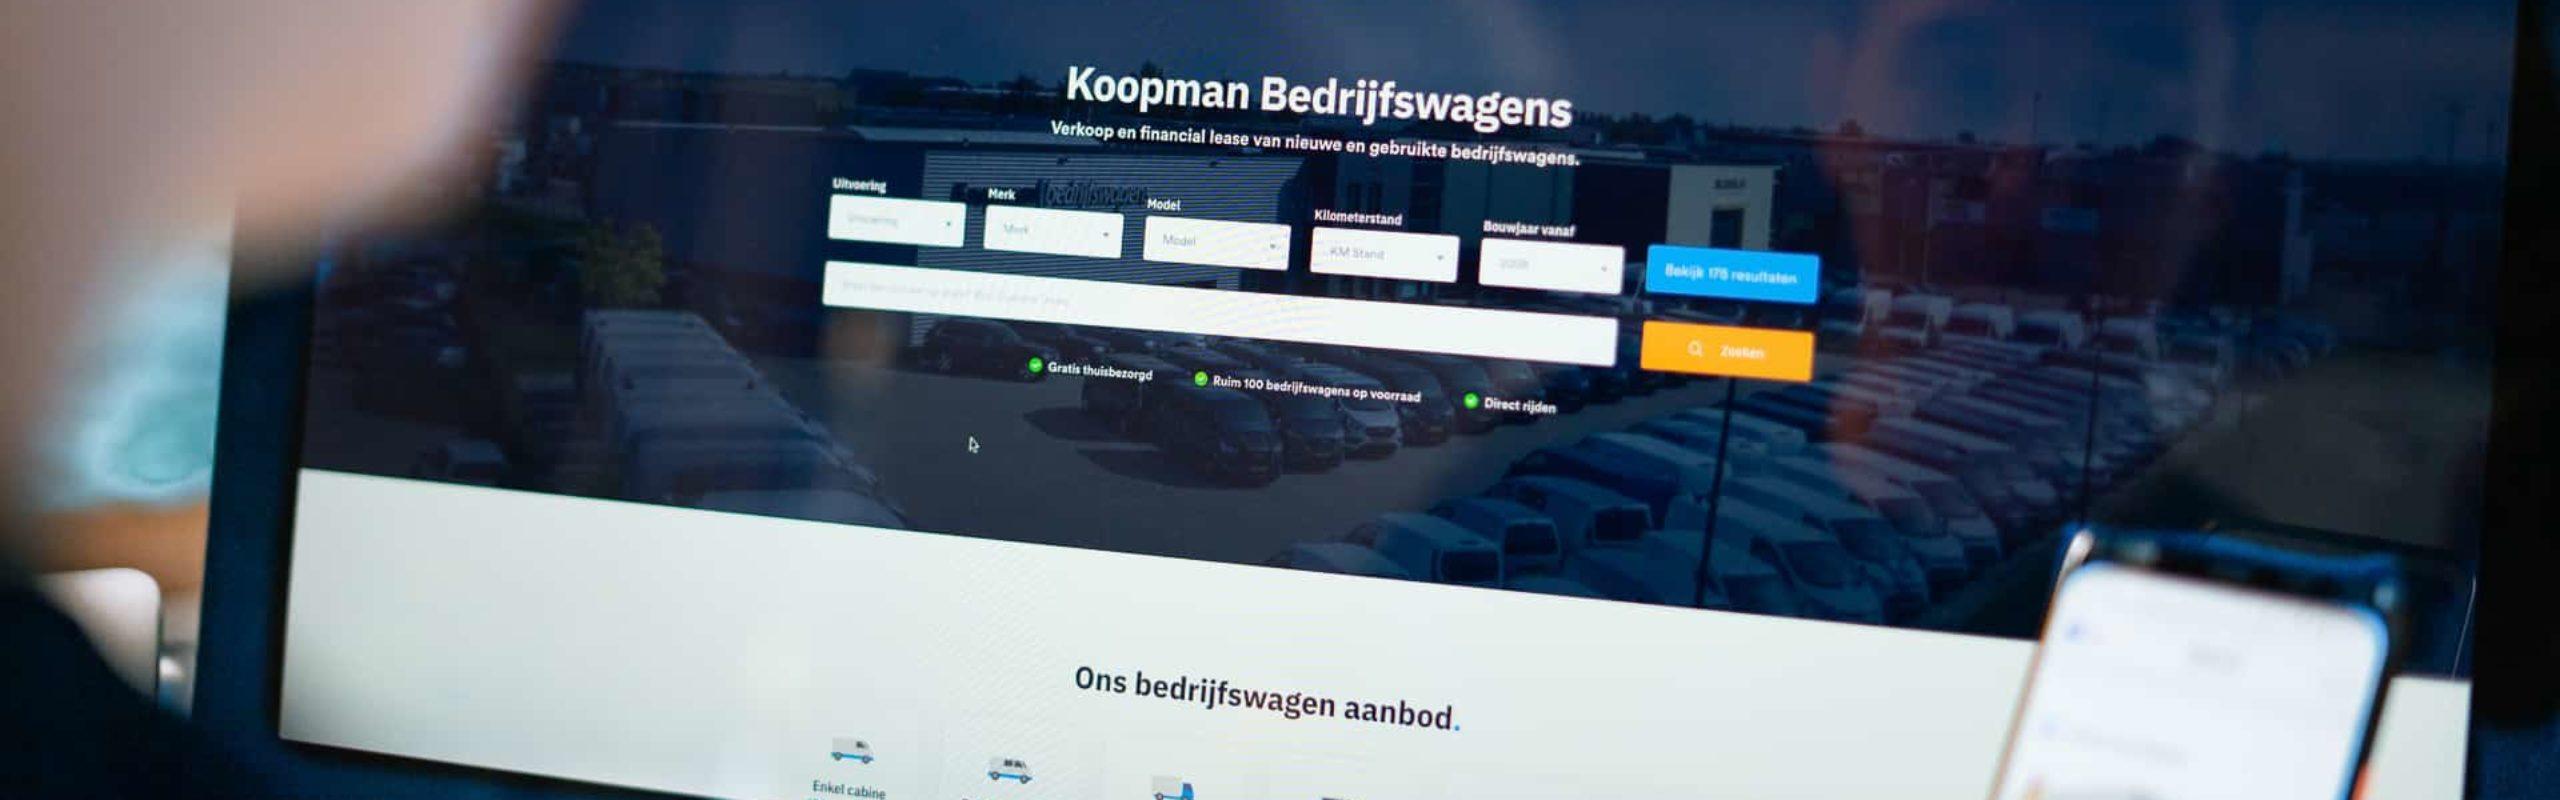 Case - Koopman Bedrijfswagens - Responsive